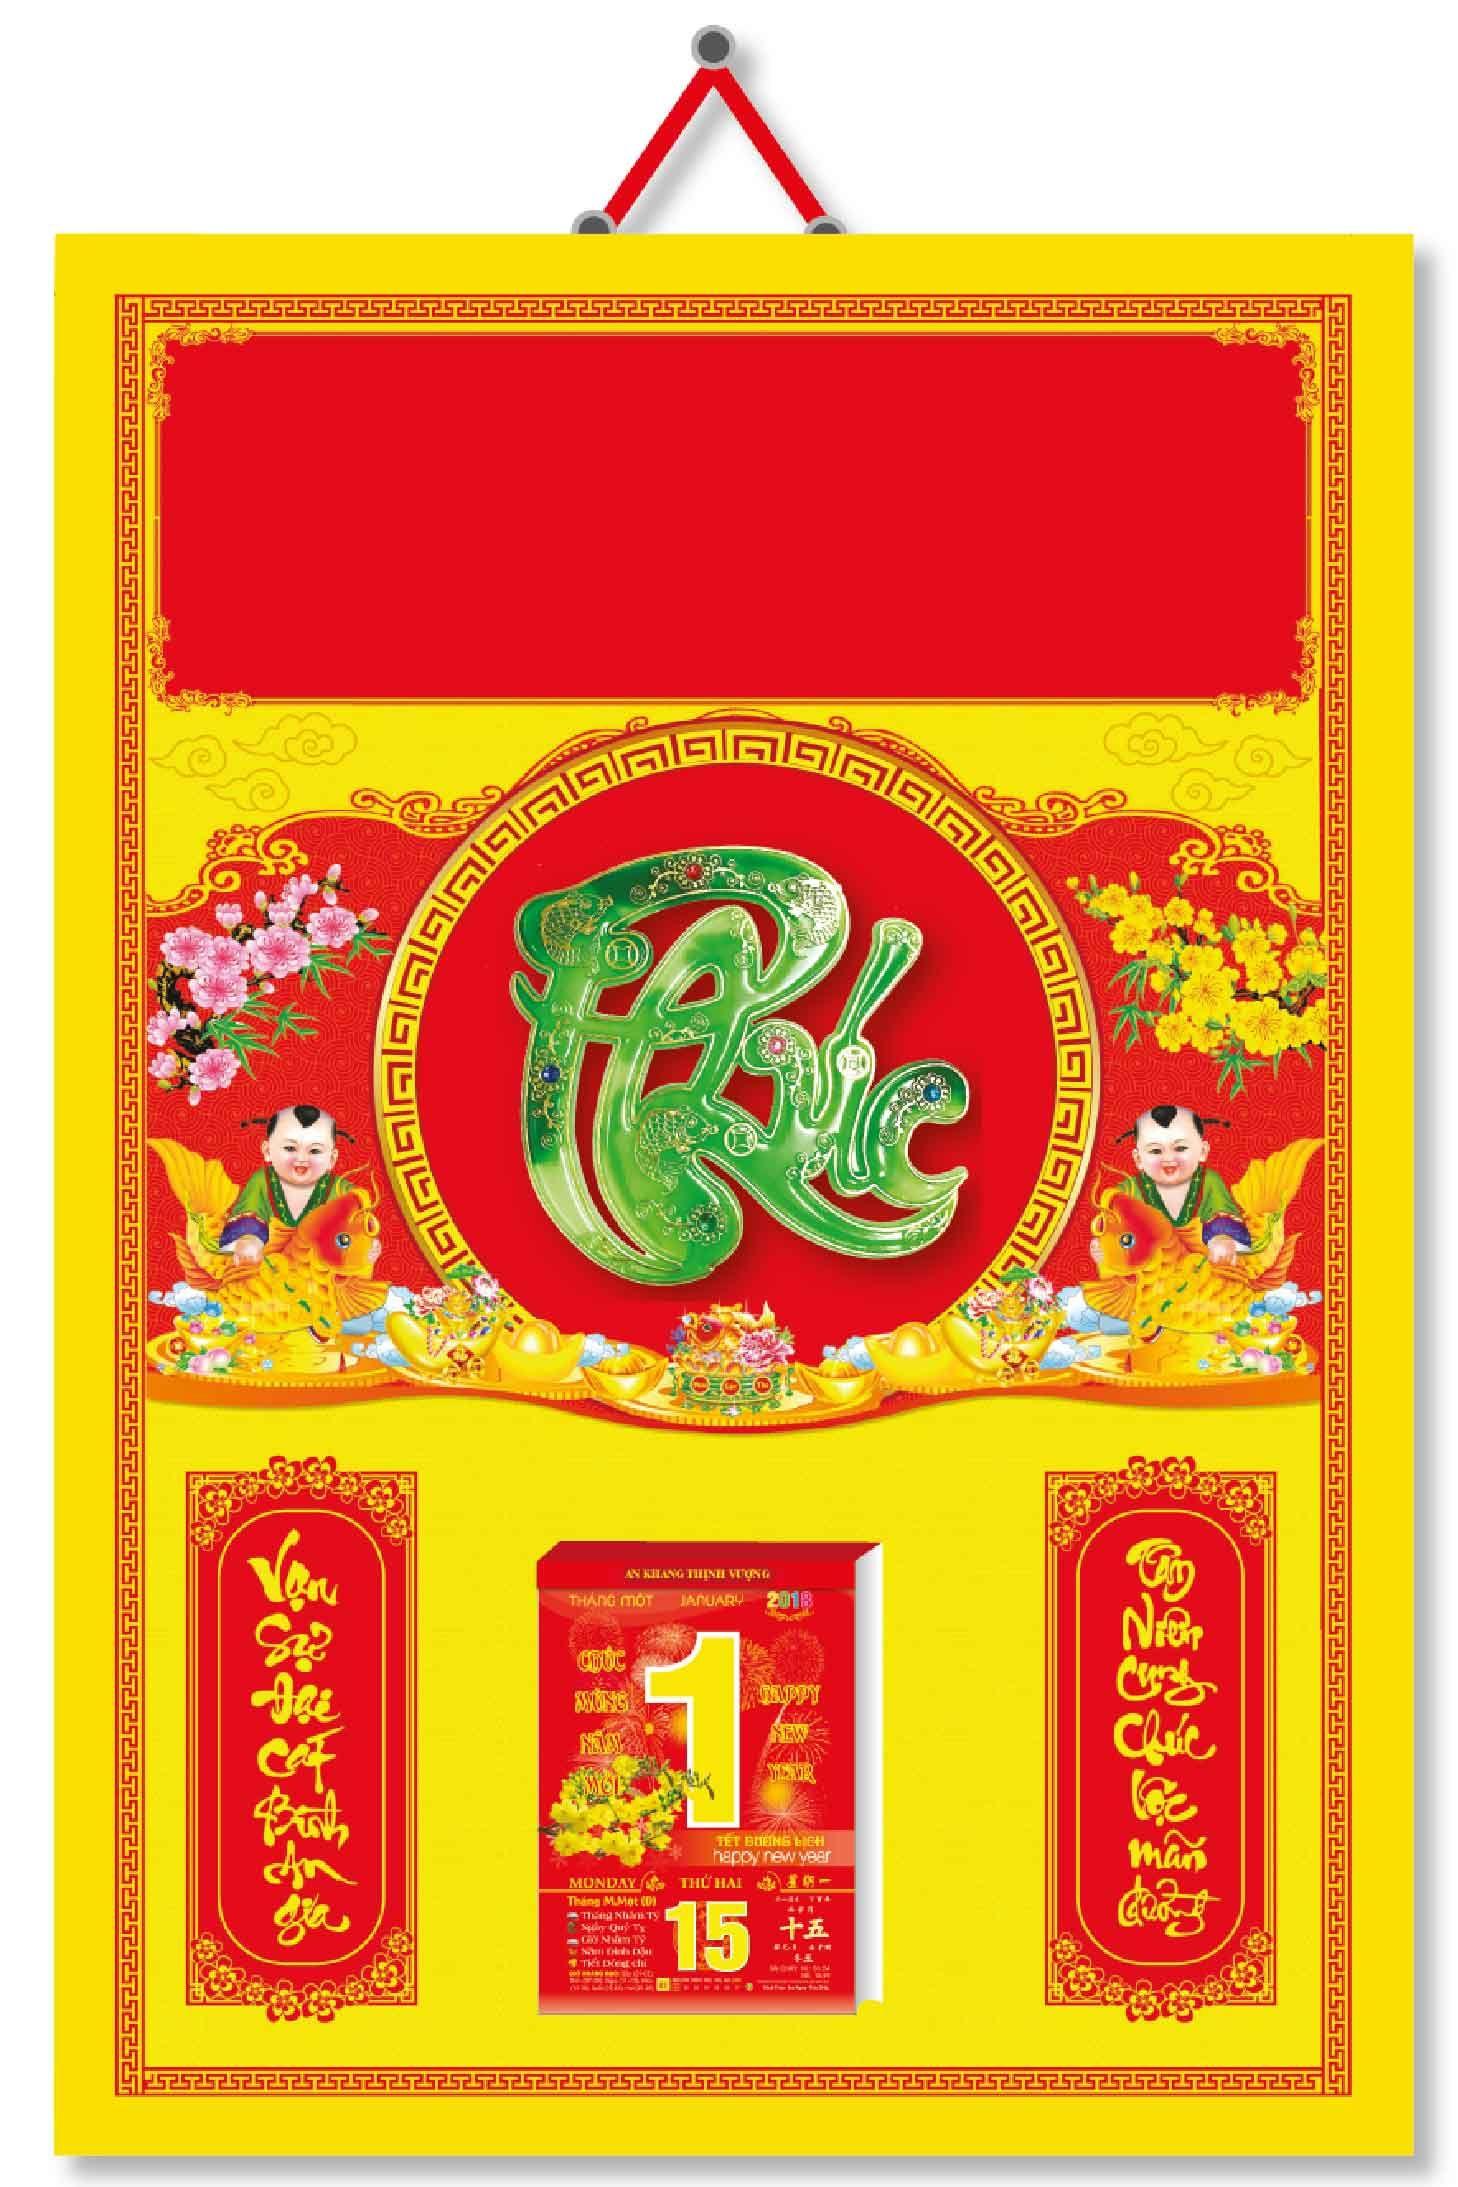 KV314 - Bìa Treo Lịch Đỏ 2018 Dán Chữ Nổi (40 x 60 cm) - Em Bé, Dán Nổi Chữ Phúc Cẩm Thạch - EBOOK/PDF/PRC/EPUB